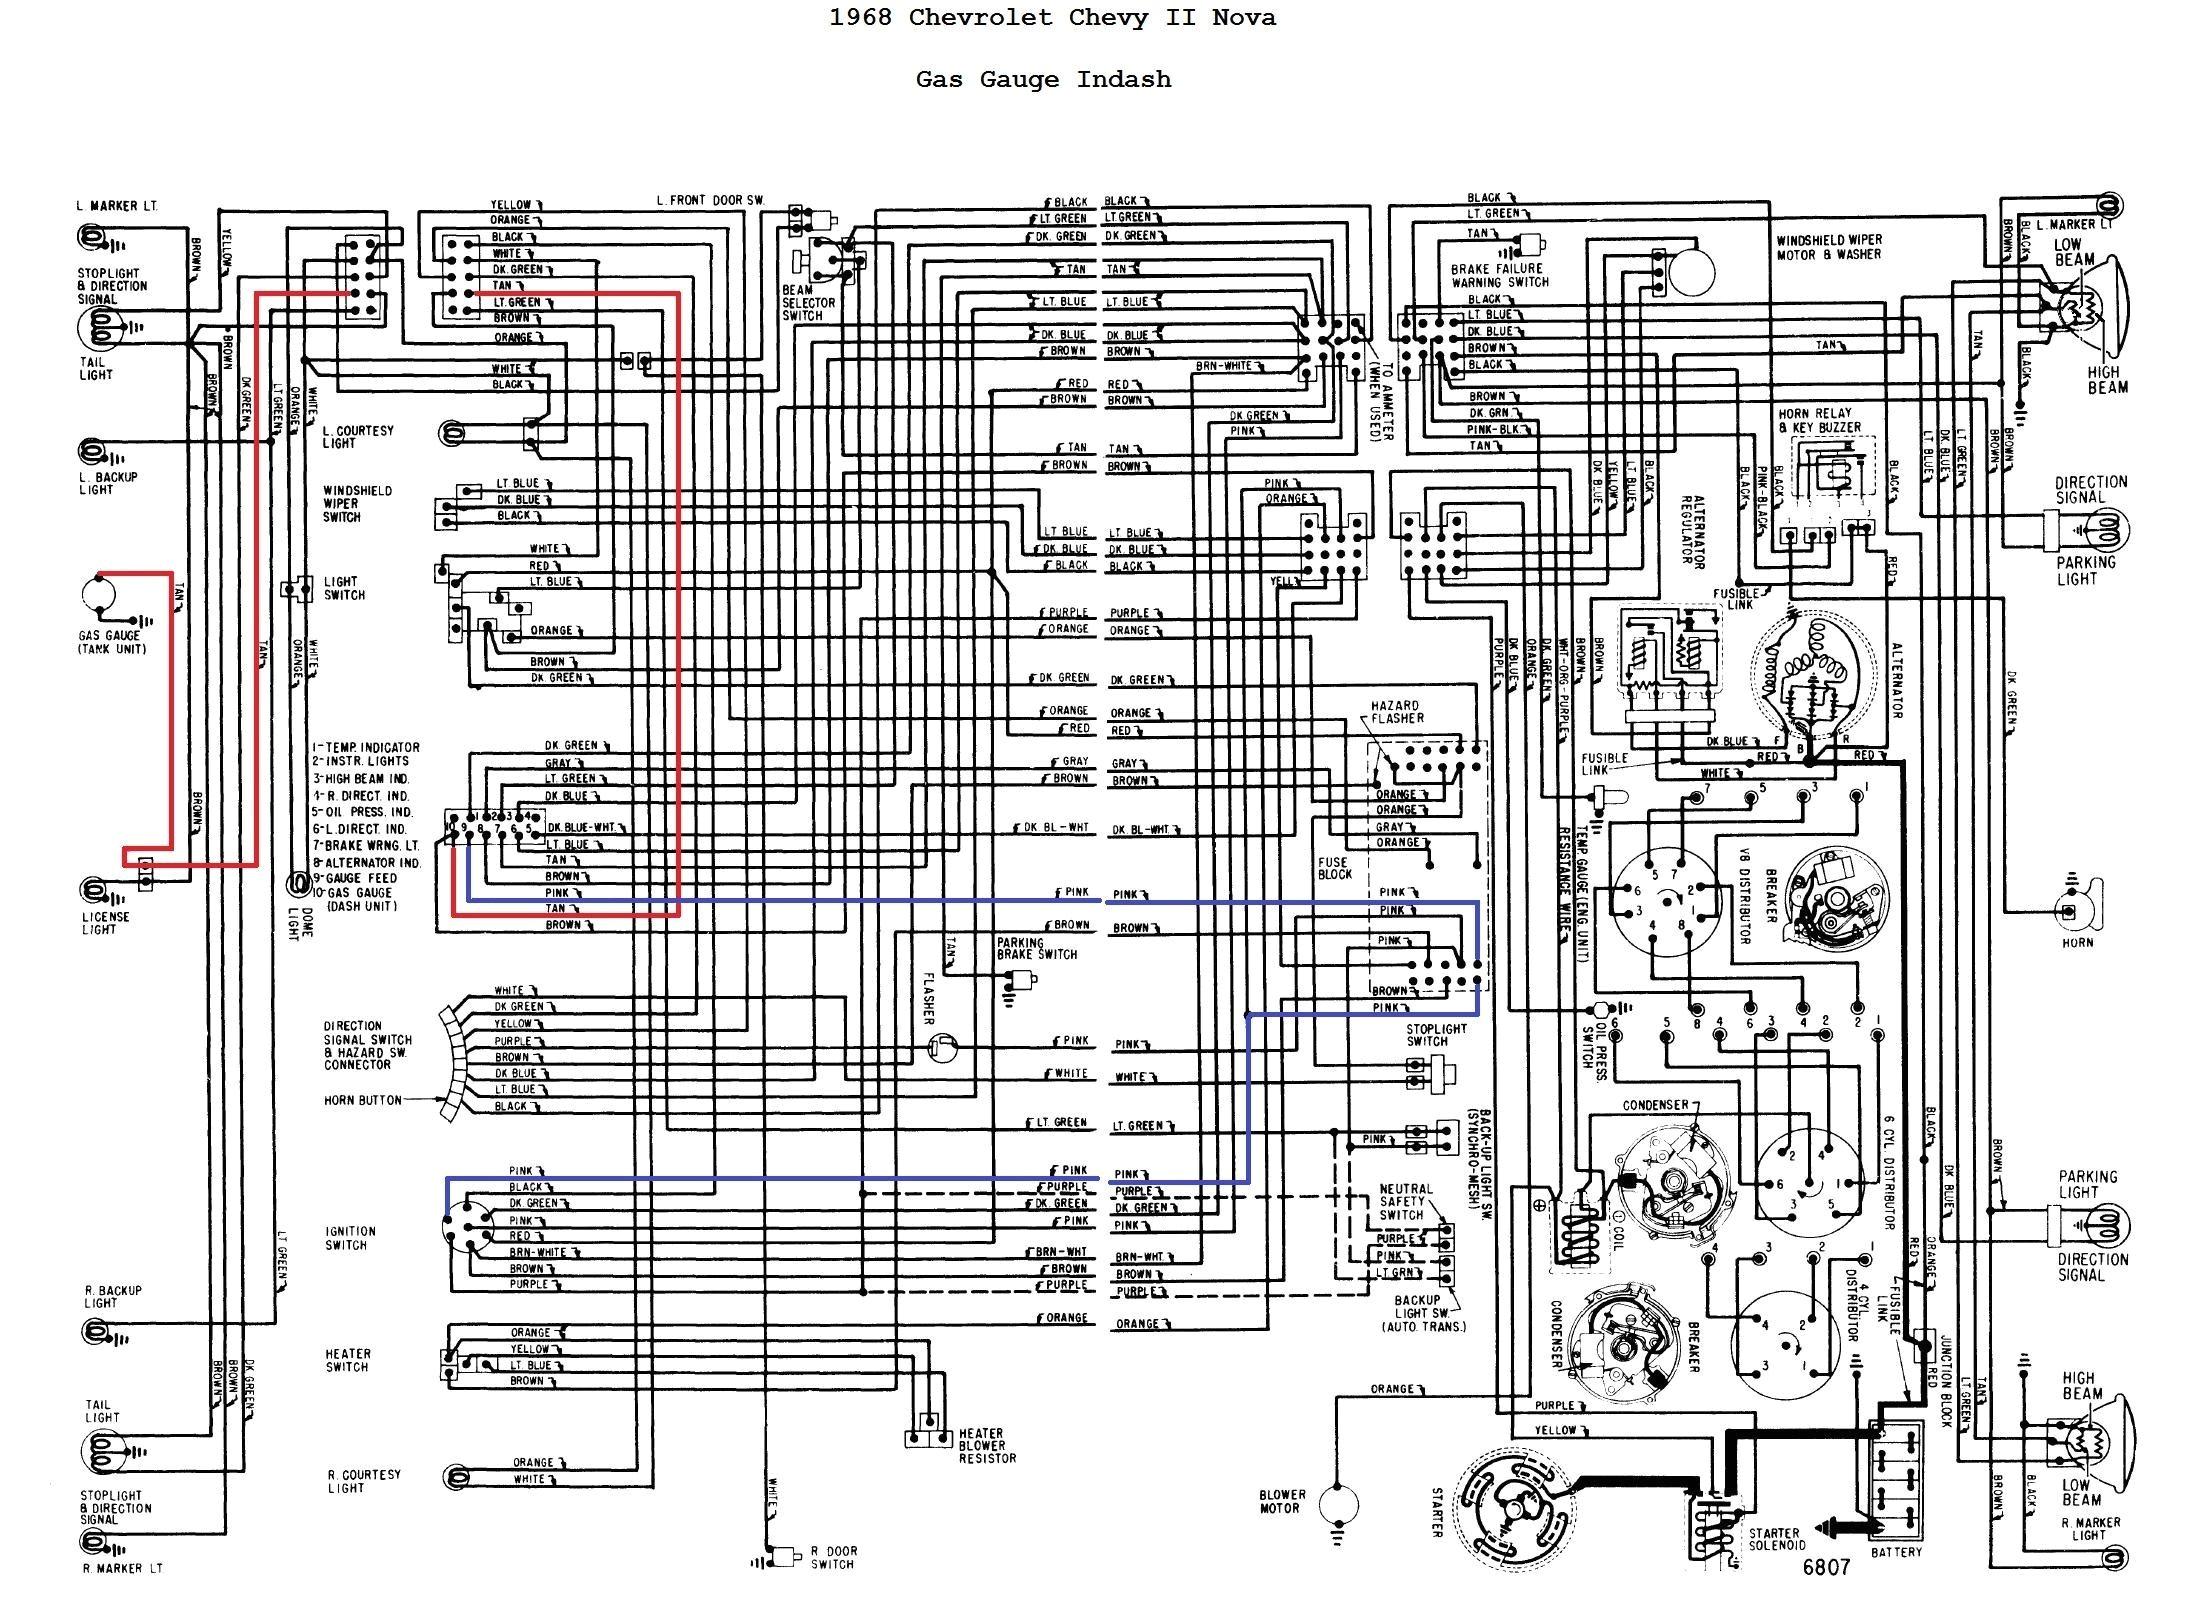 1968 camaro tachometer wiring electrical wiring diagram